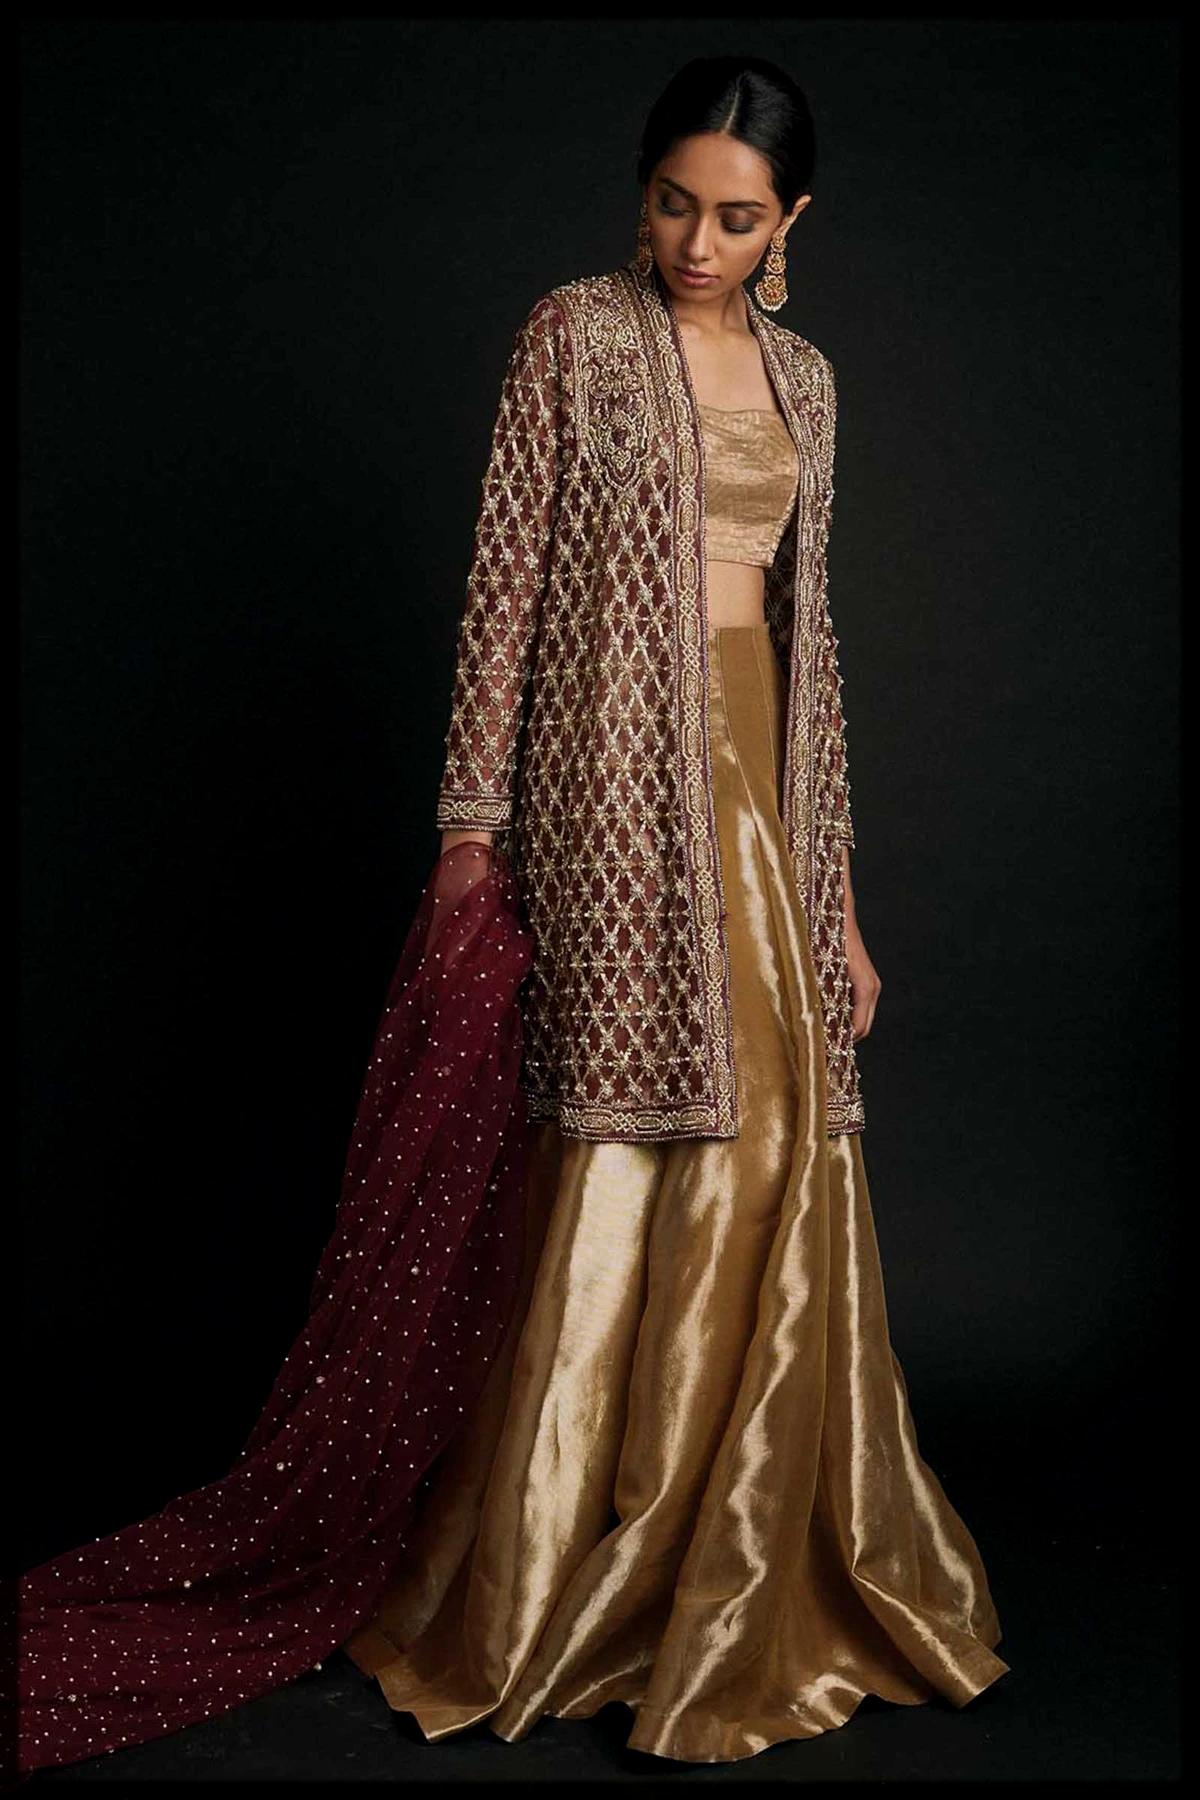 Beautiful Golden Lehenga choli with Long Maroon Jacket for Barat